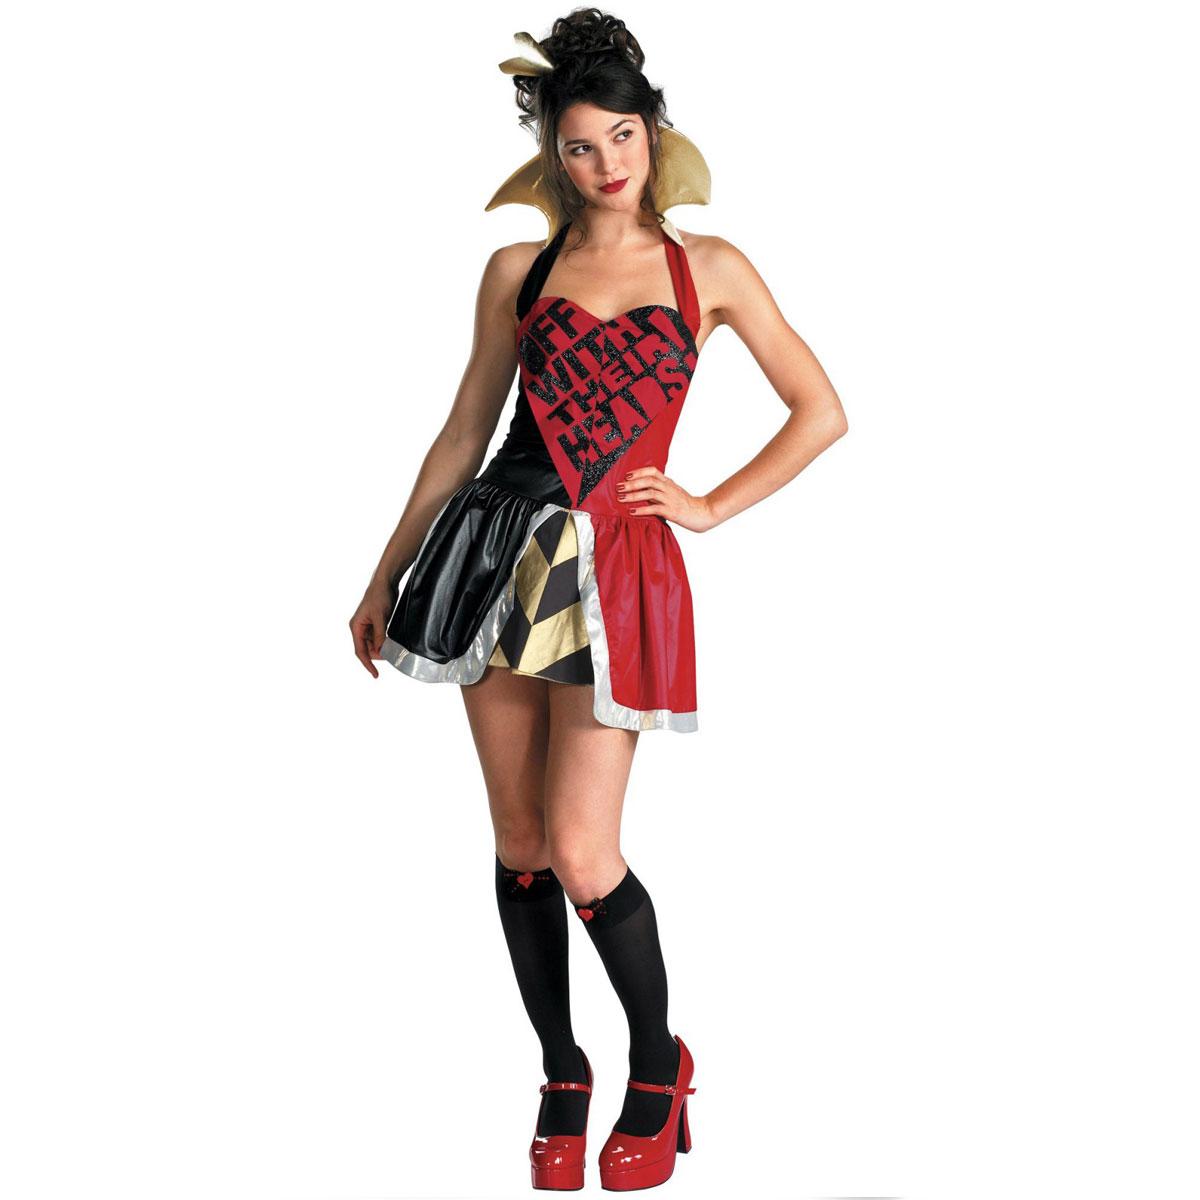 アリス 不思議の国 白うさぎ チシャ猫 ディズニー ハートの女王 コスプレ衣装 ヴィランズ 悪役